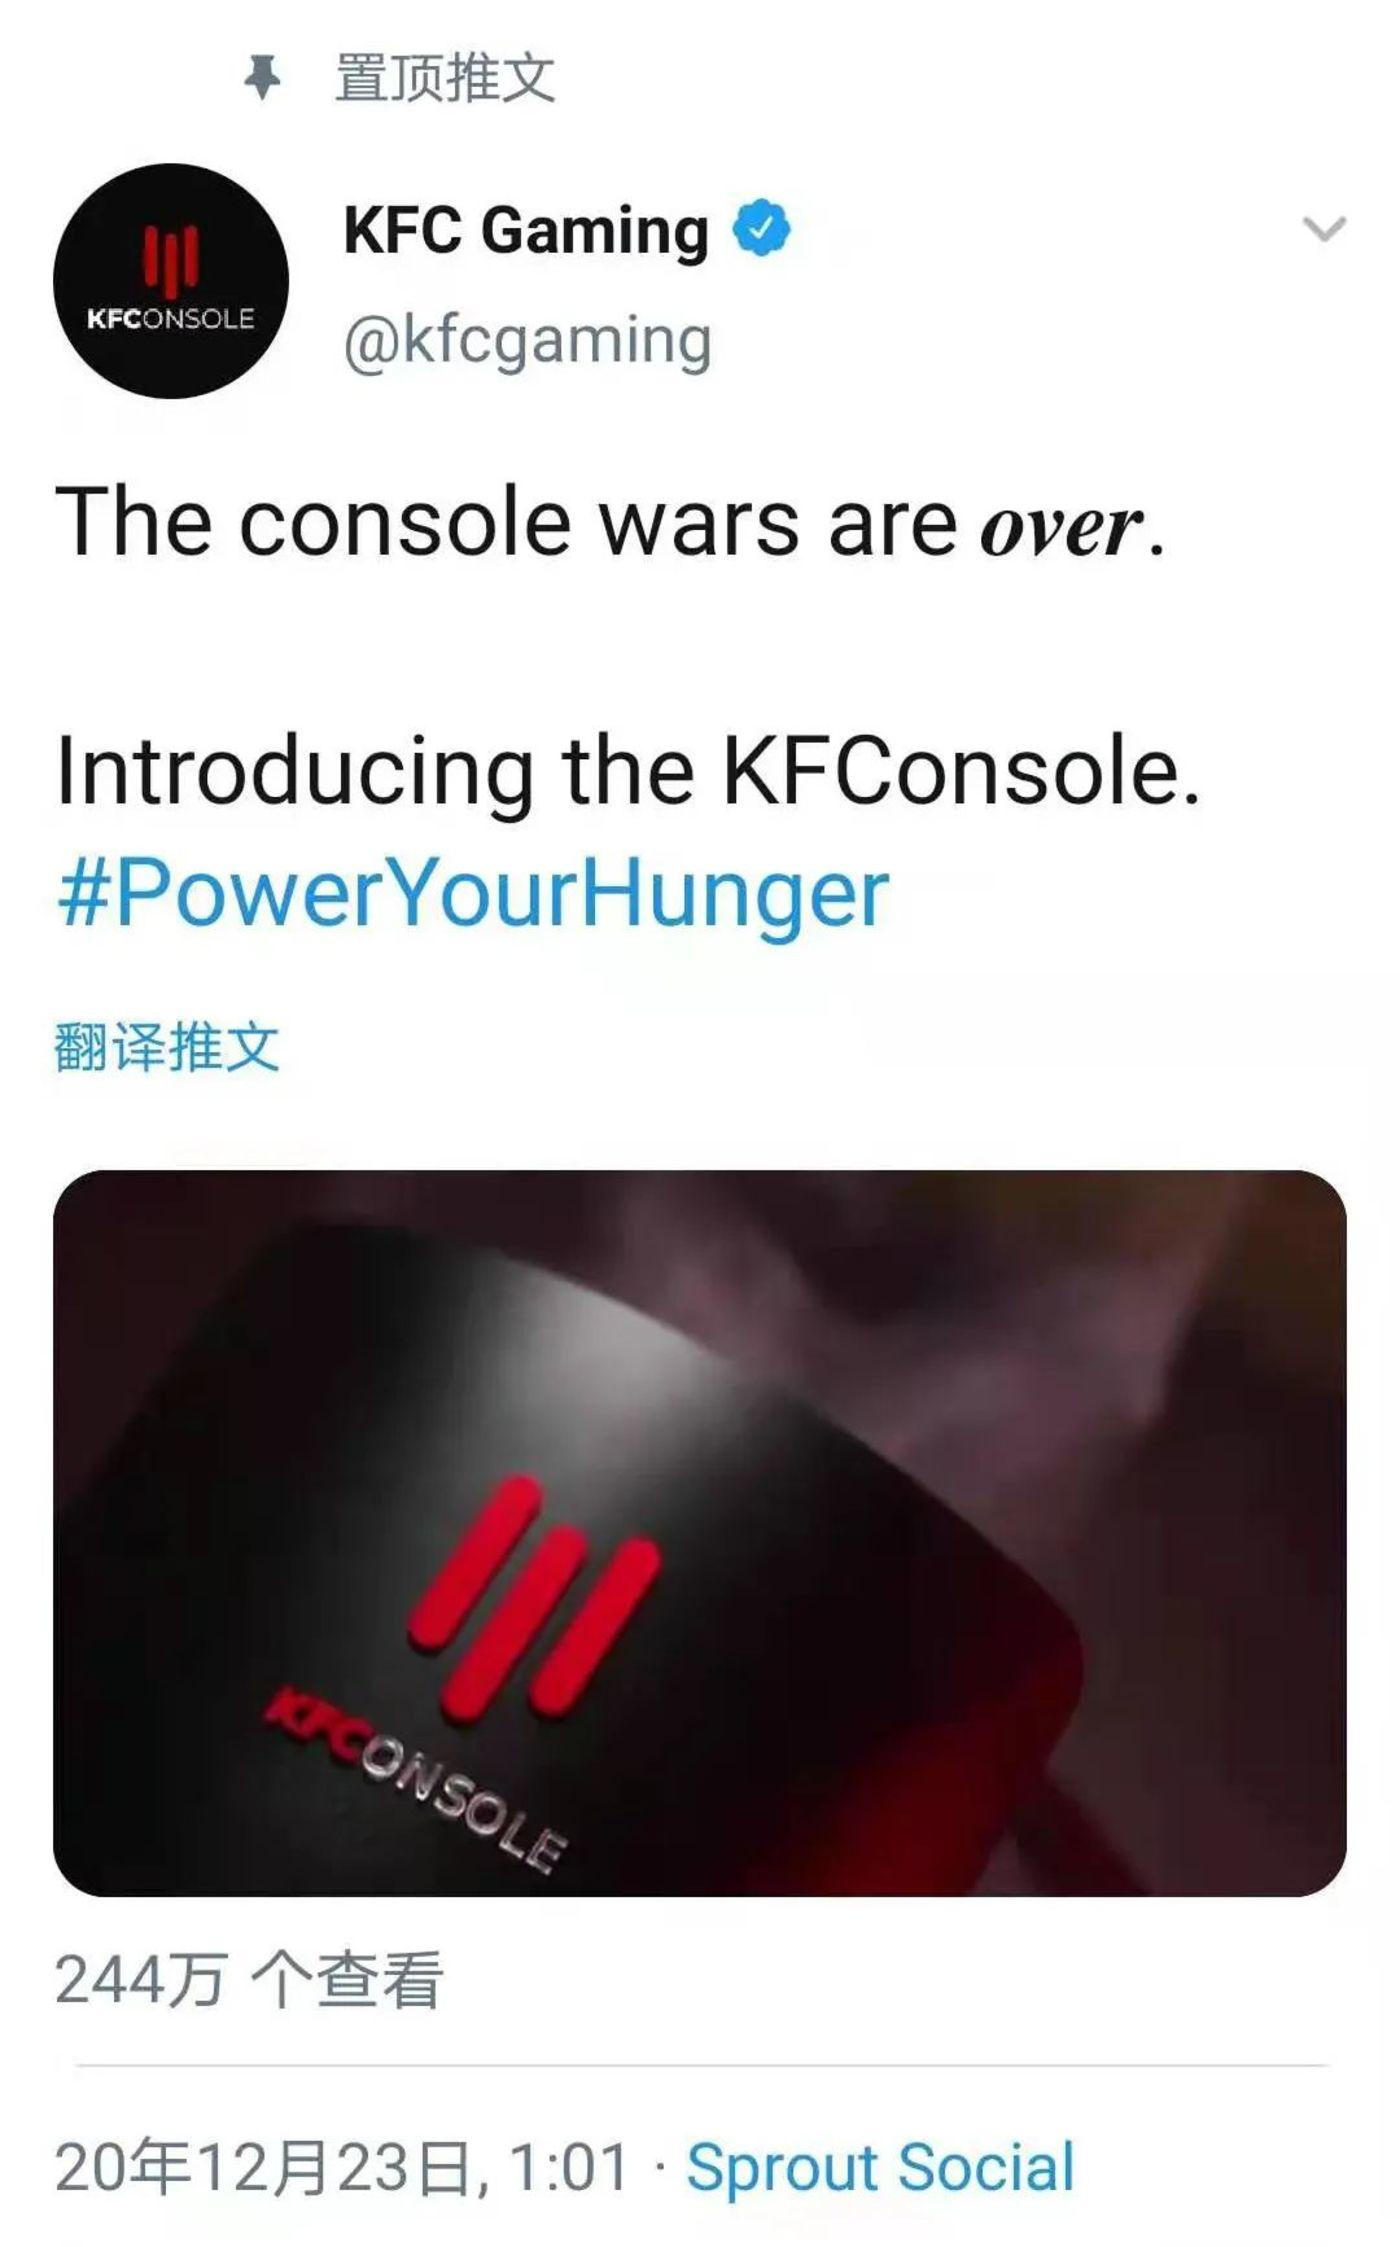 肯德基高调官宣游戏主机KFConsole